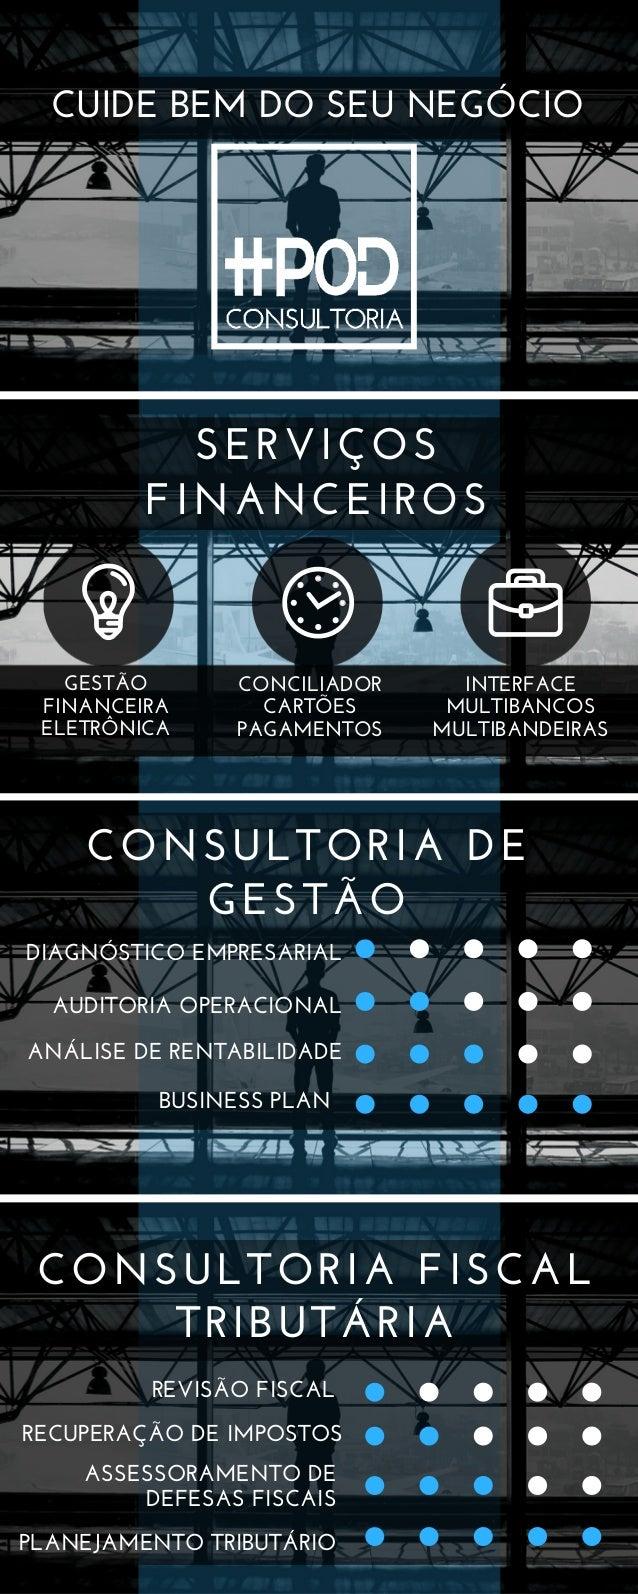 SERVIÇOS FINANCEIROS CONSULTORIADE GESTÃO GESTÃO FINANCEIRA ELETRÔNICA DIAGNÓSTICOEMPRESARIAL CONCILIADOR CARTÕES PAGAME...